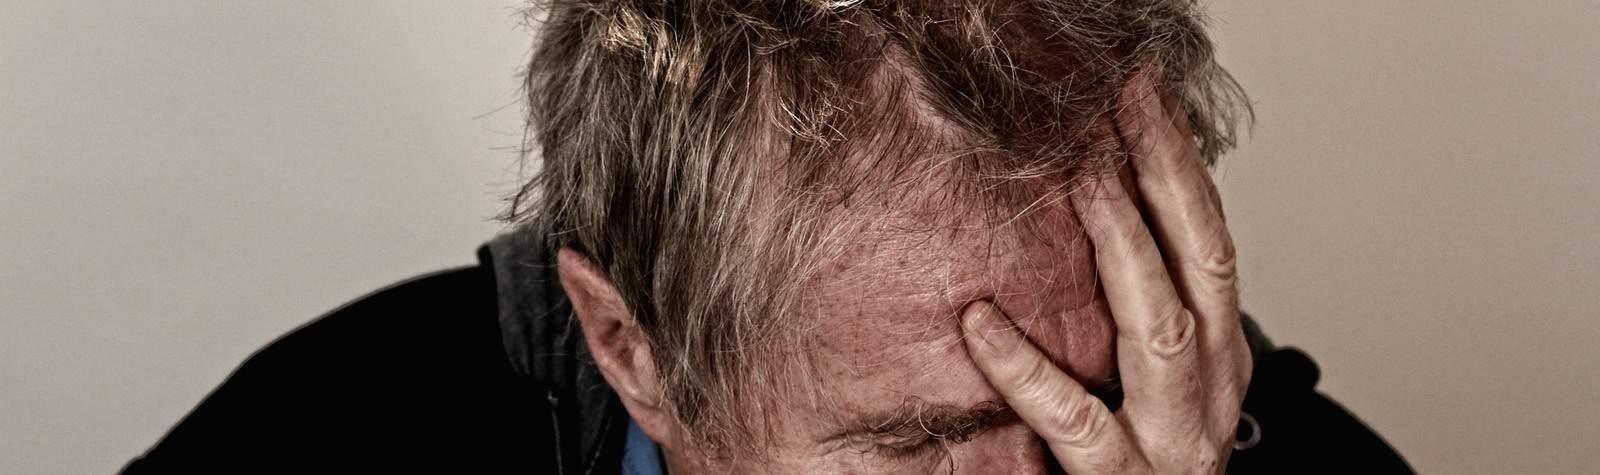 Hoofdpijn door stress? Wat is het verband?